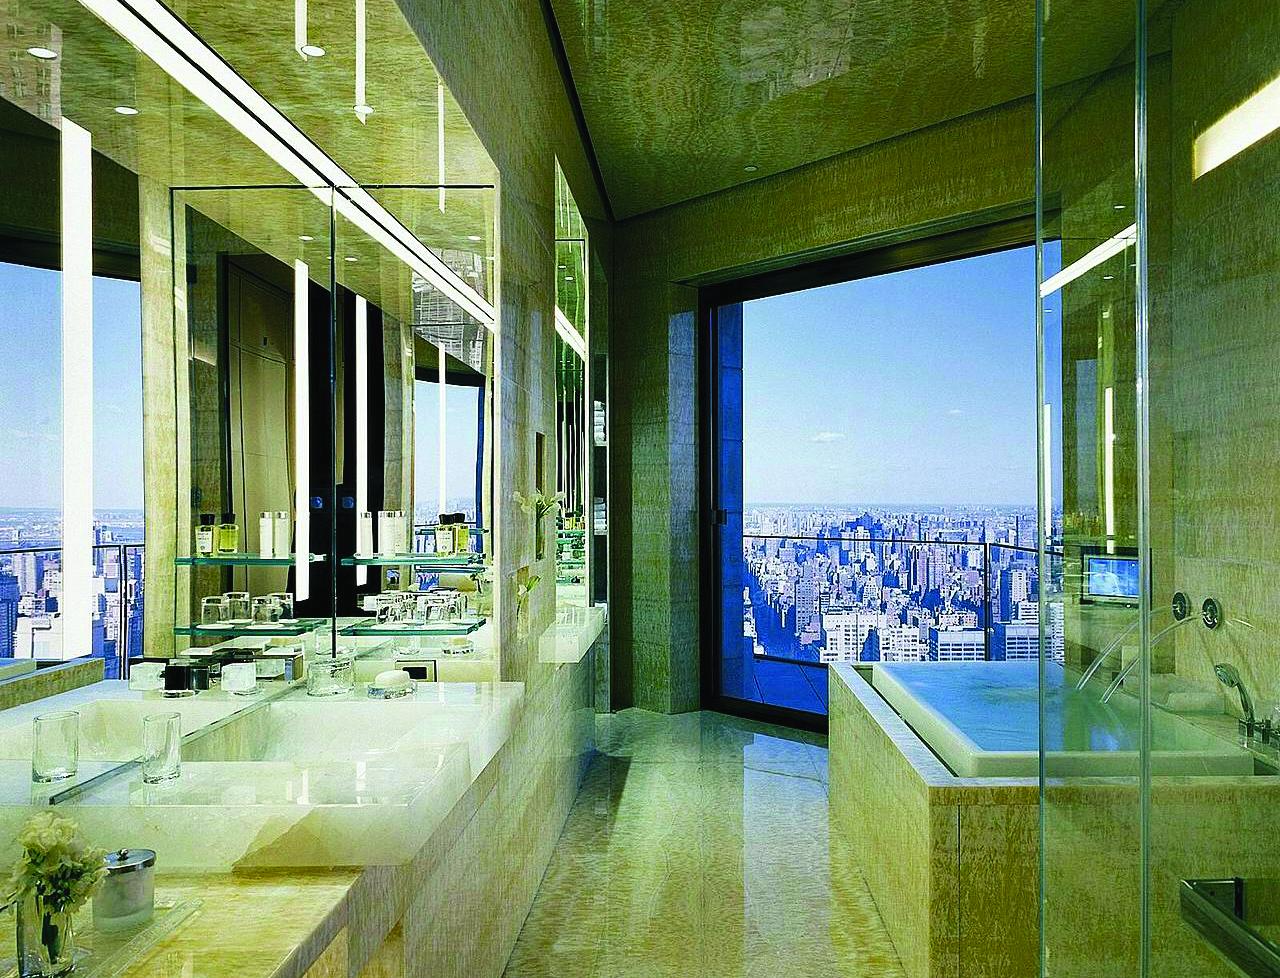 HTELS DE LUXE  vasions de premire classe  MAGAZINE LUXE  Immobilier I Design I Art de vivre